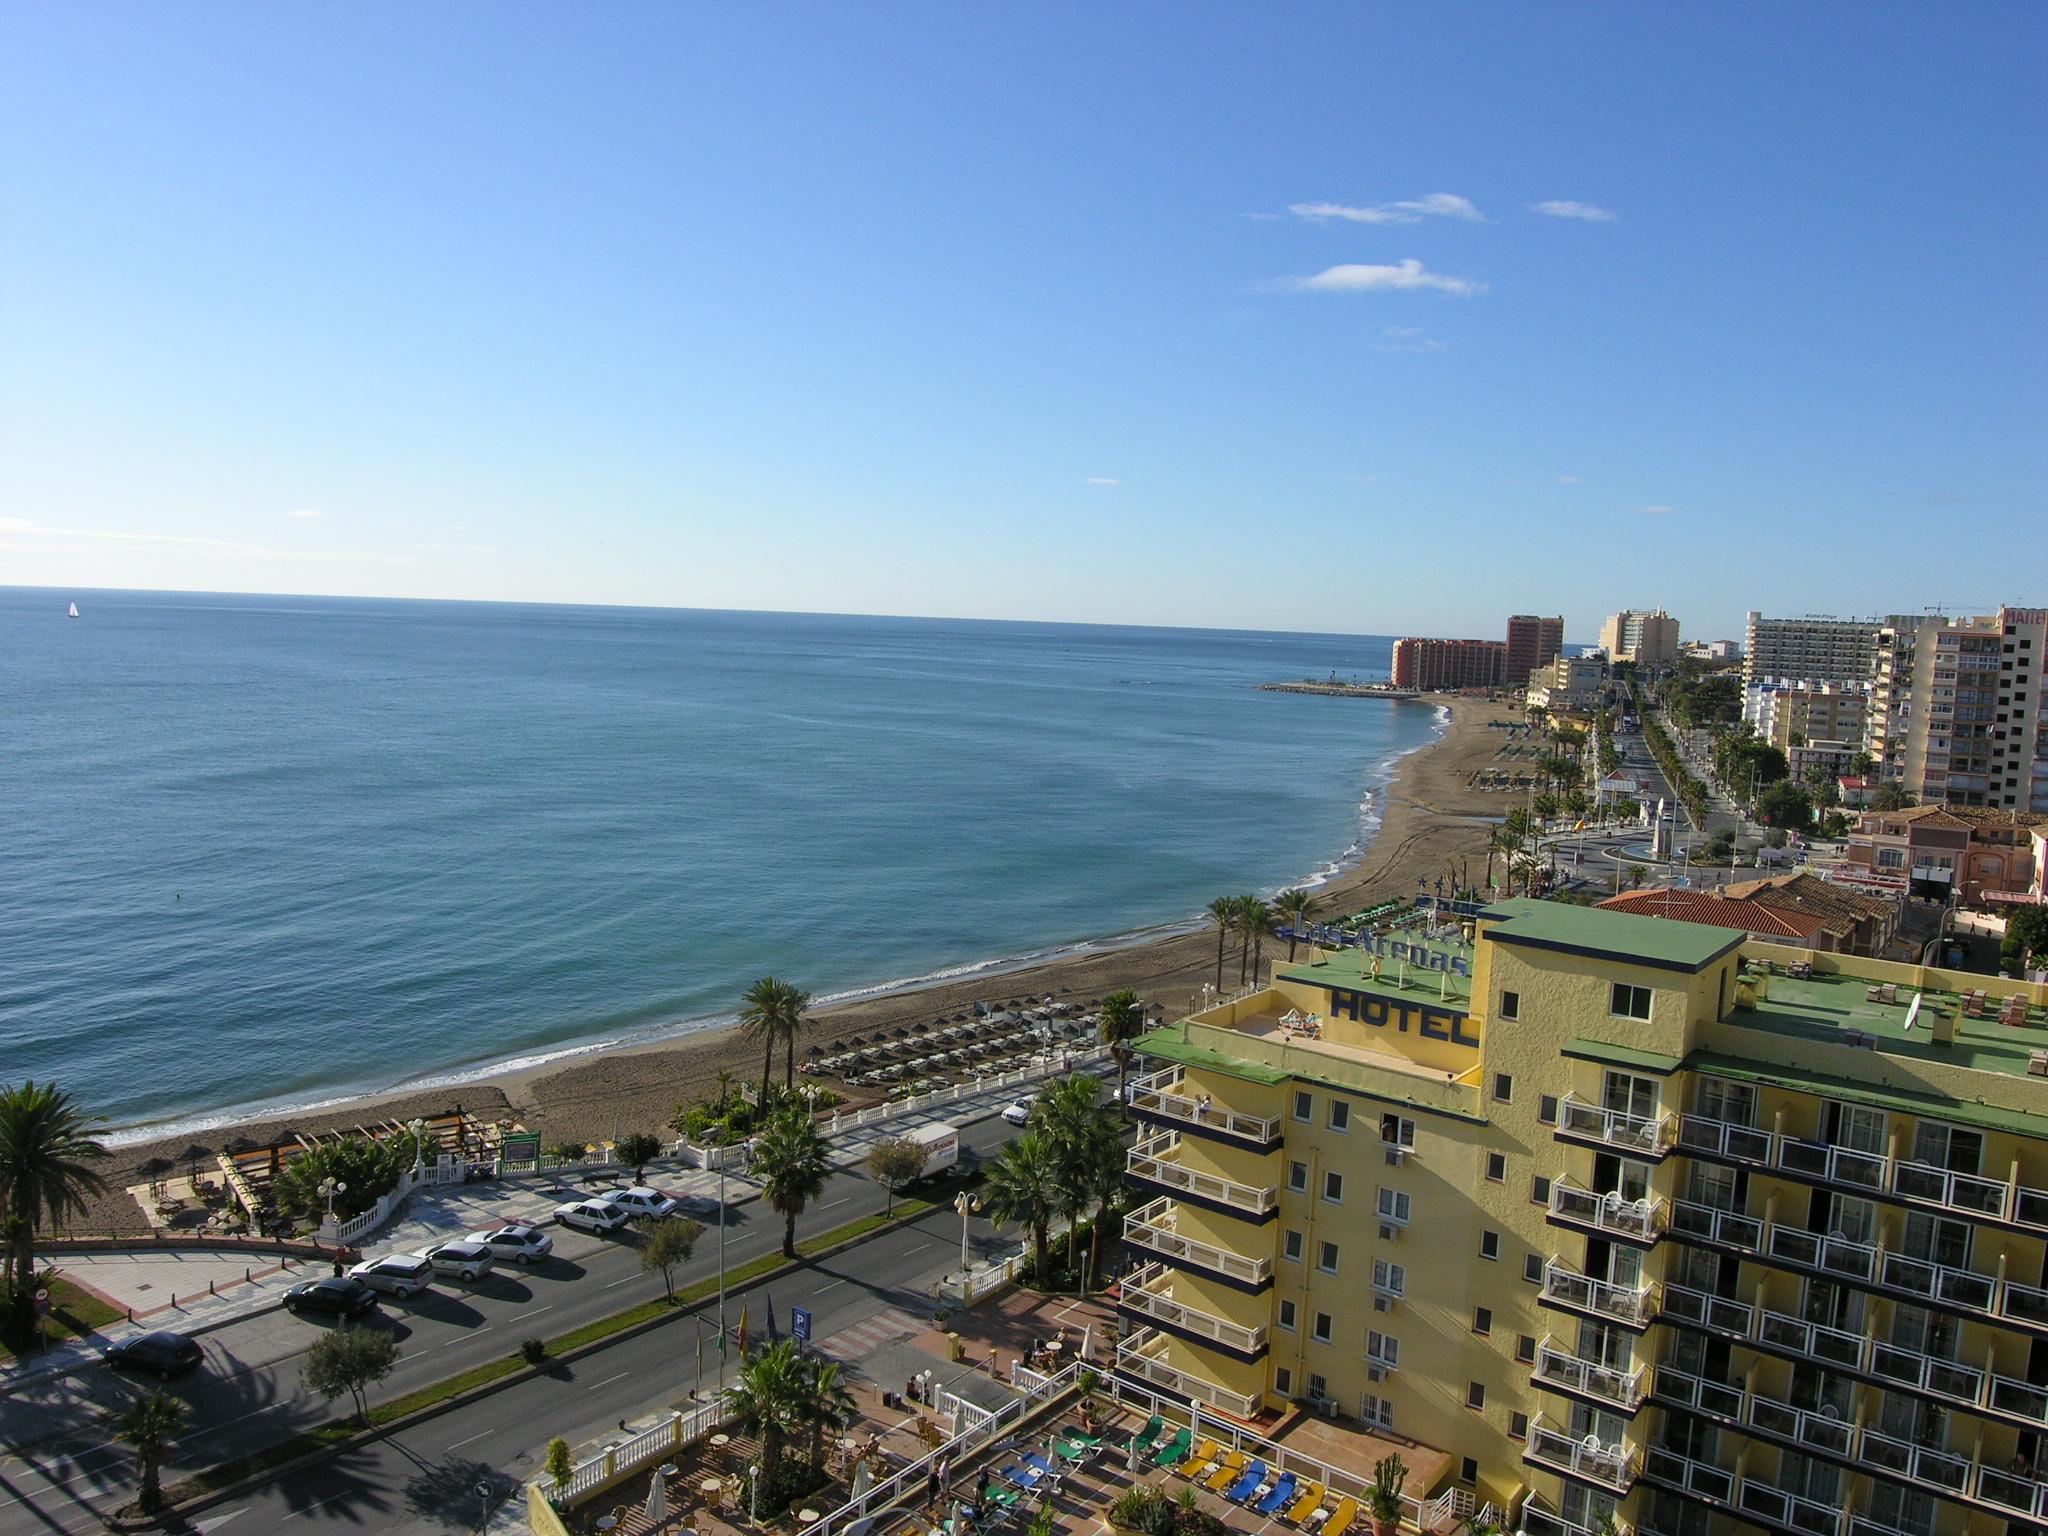 Bolig i Spanien – dansk ejendomsmægler om salg af boliger i Spanien – Spanien – Costa del Sol